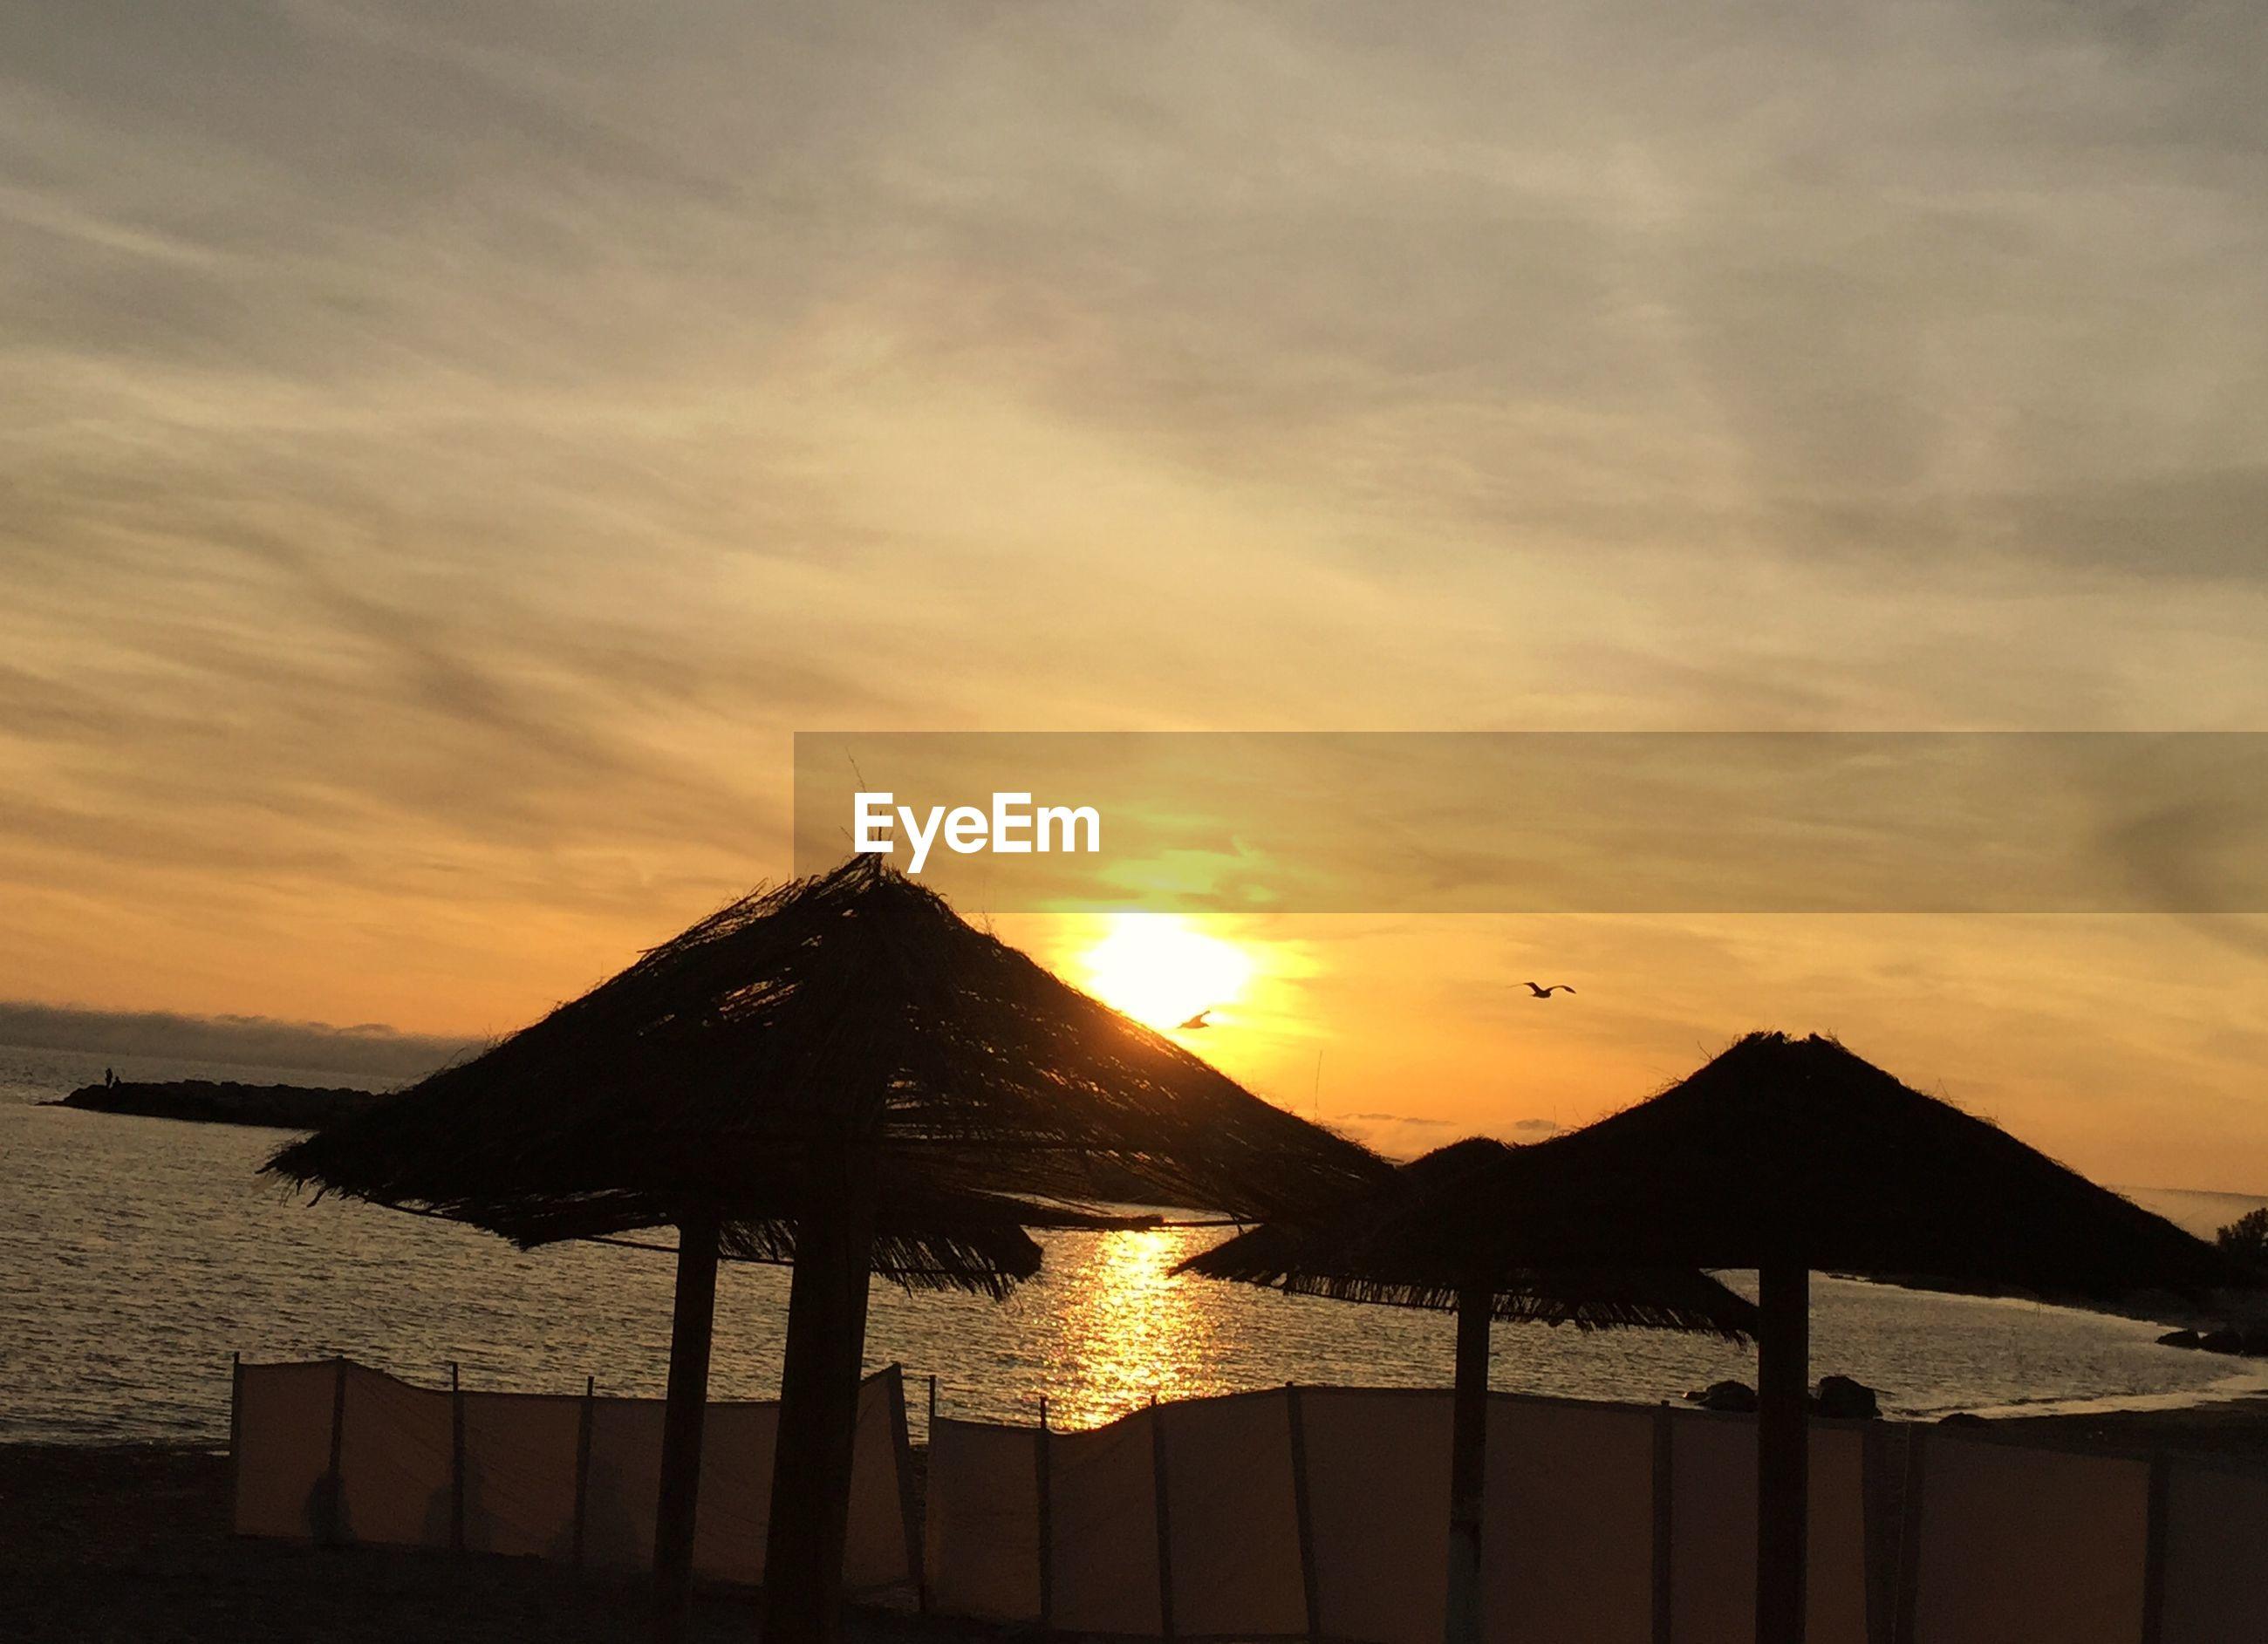 Sunshades on beach against sky at sunset